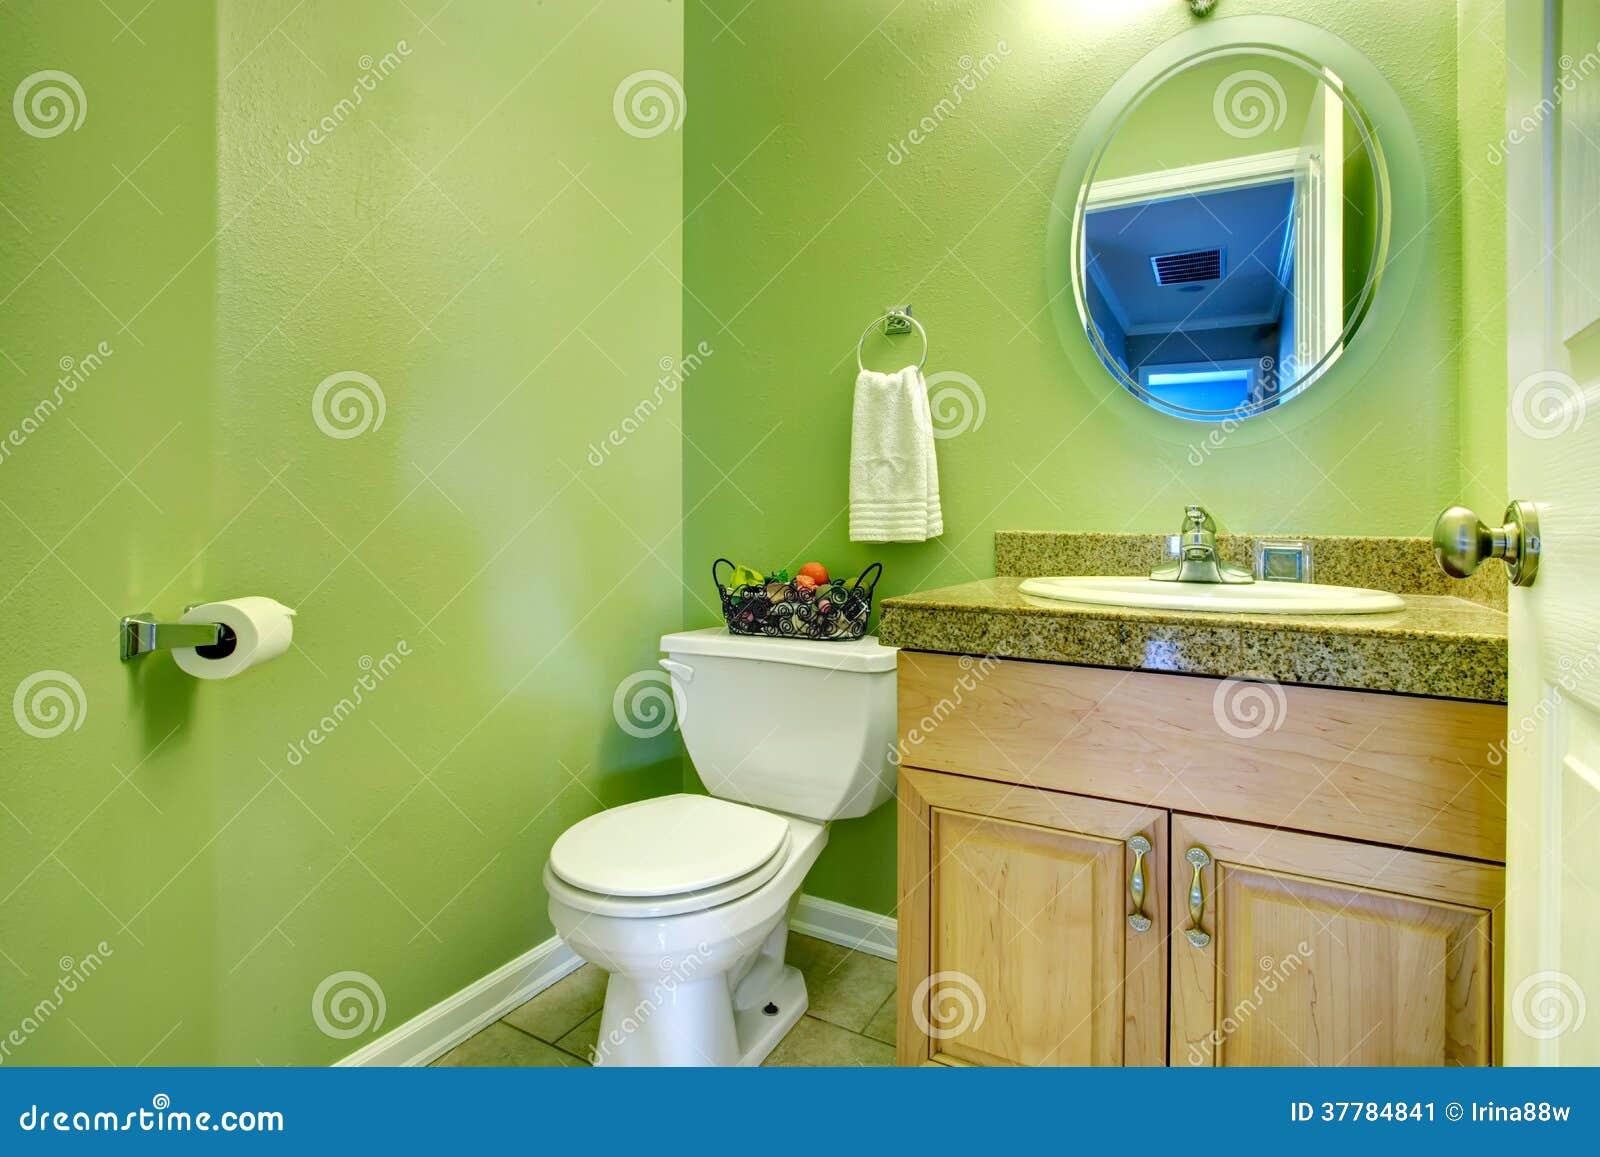 Erneuerndes Grünes Badezimmer Stockbild - Bild von modern, holz ...